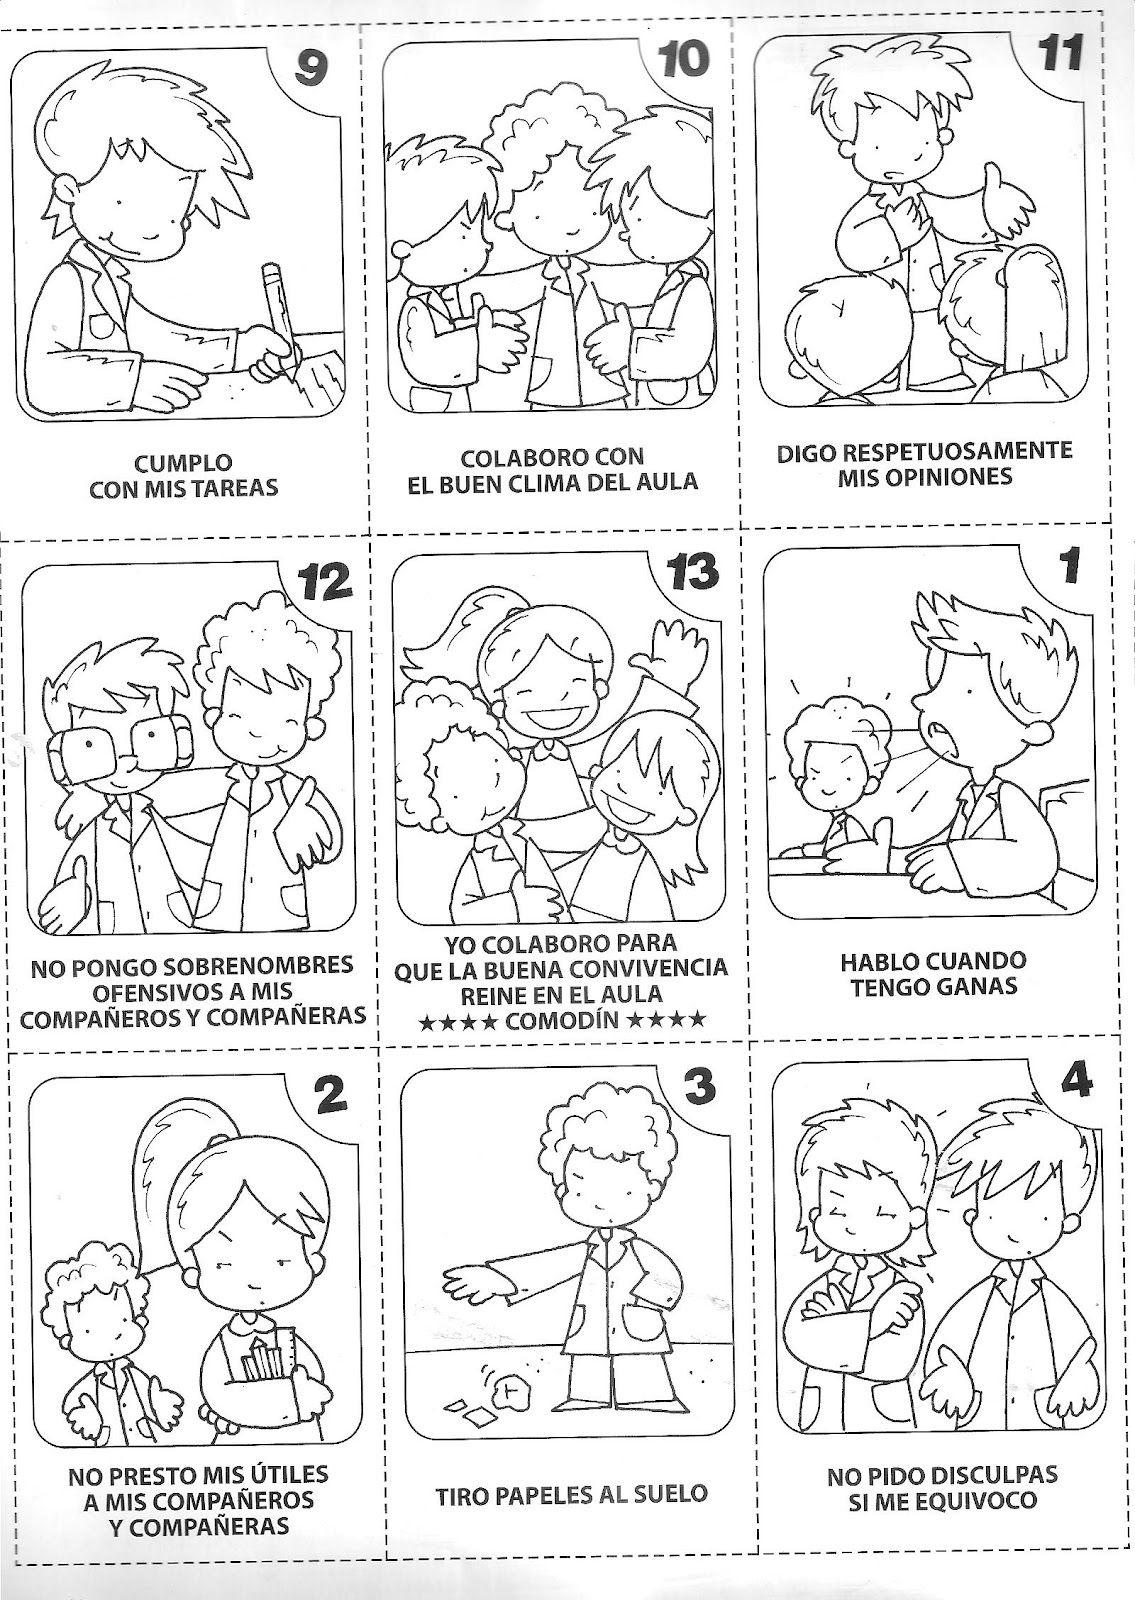 Normas de convivencia para colorear para niños - Imagui | Dibu ...